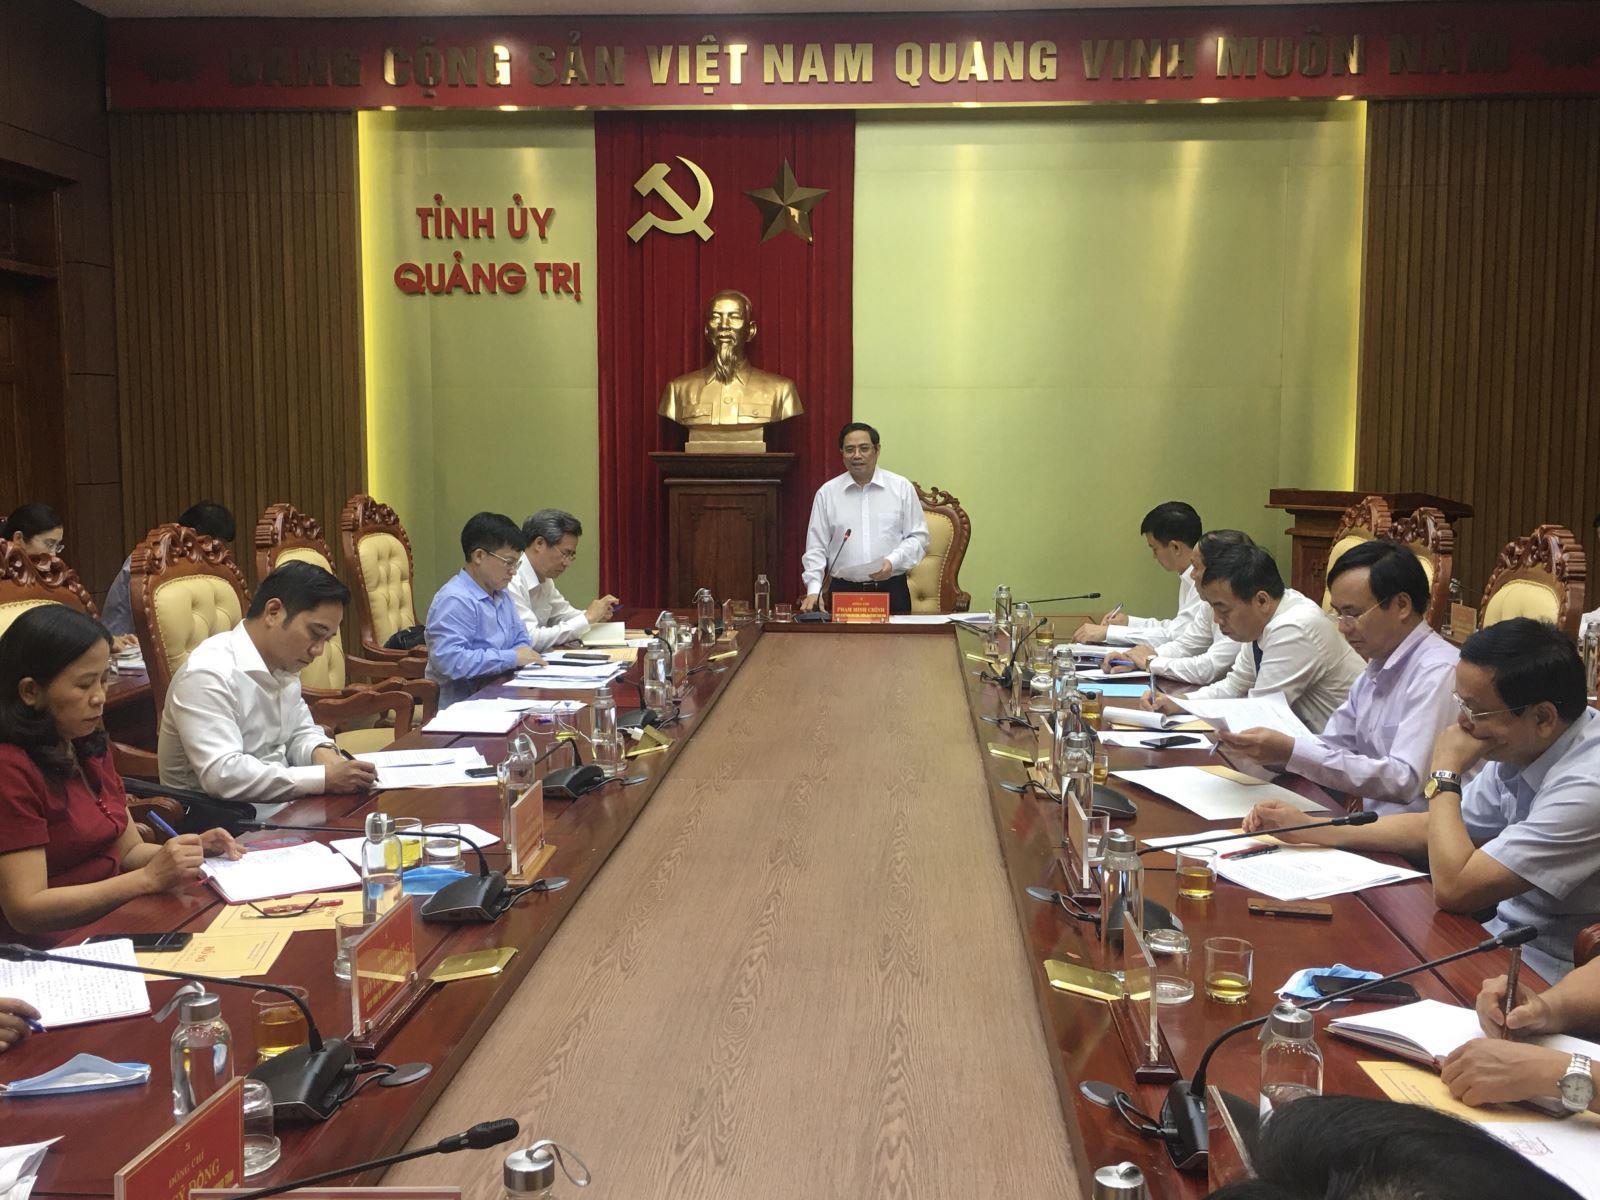 Trưởng Ban Tổ chức Trung ương Phạm Minh Chính làm việc với BTV Tỉnh ủy Quảng Trị